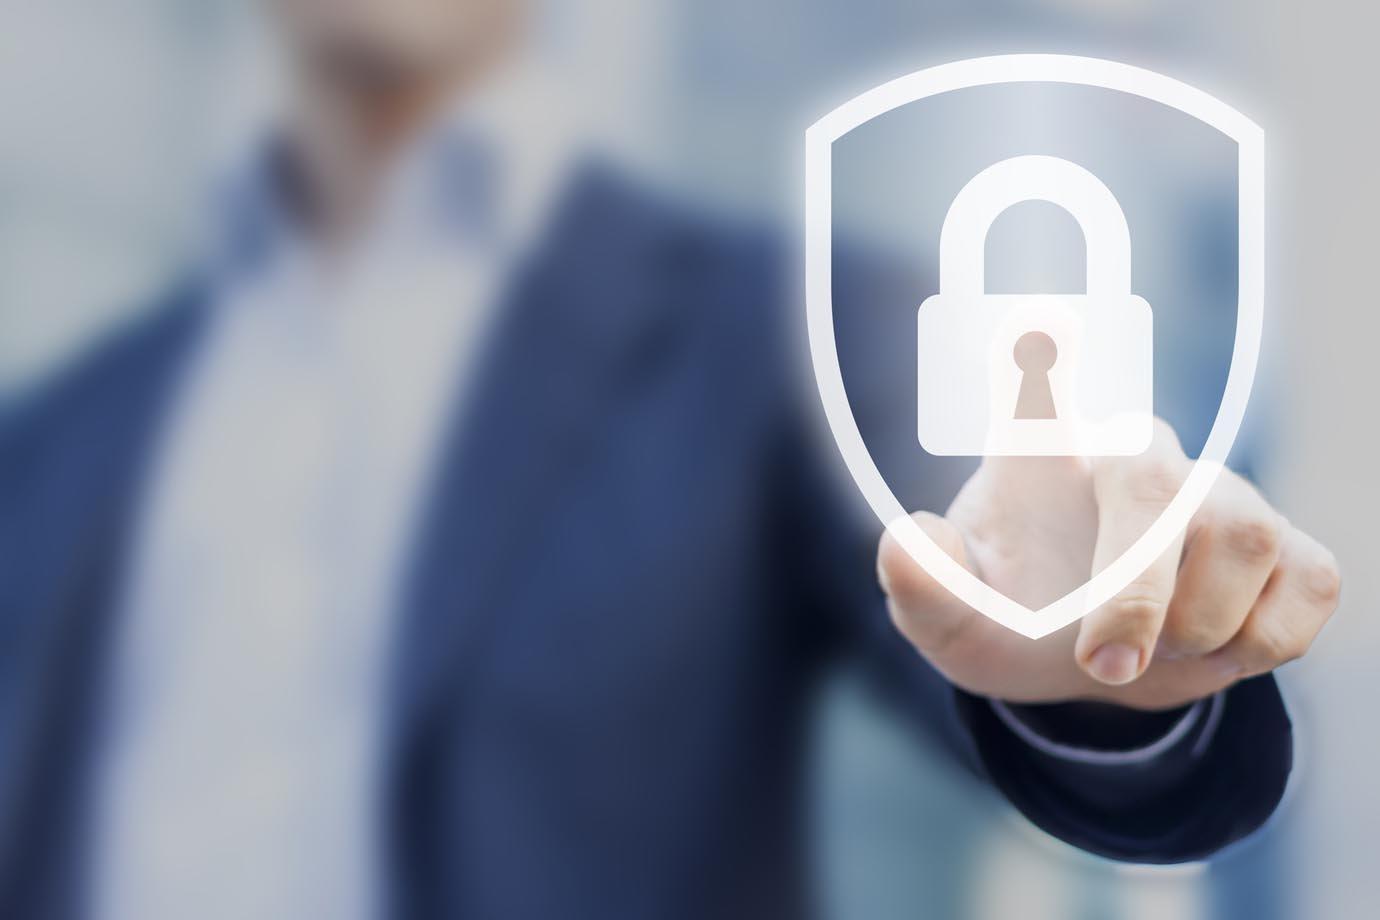 Símbolo de segurança digital, com homem apertando um sinal de cadeado